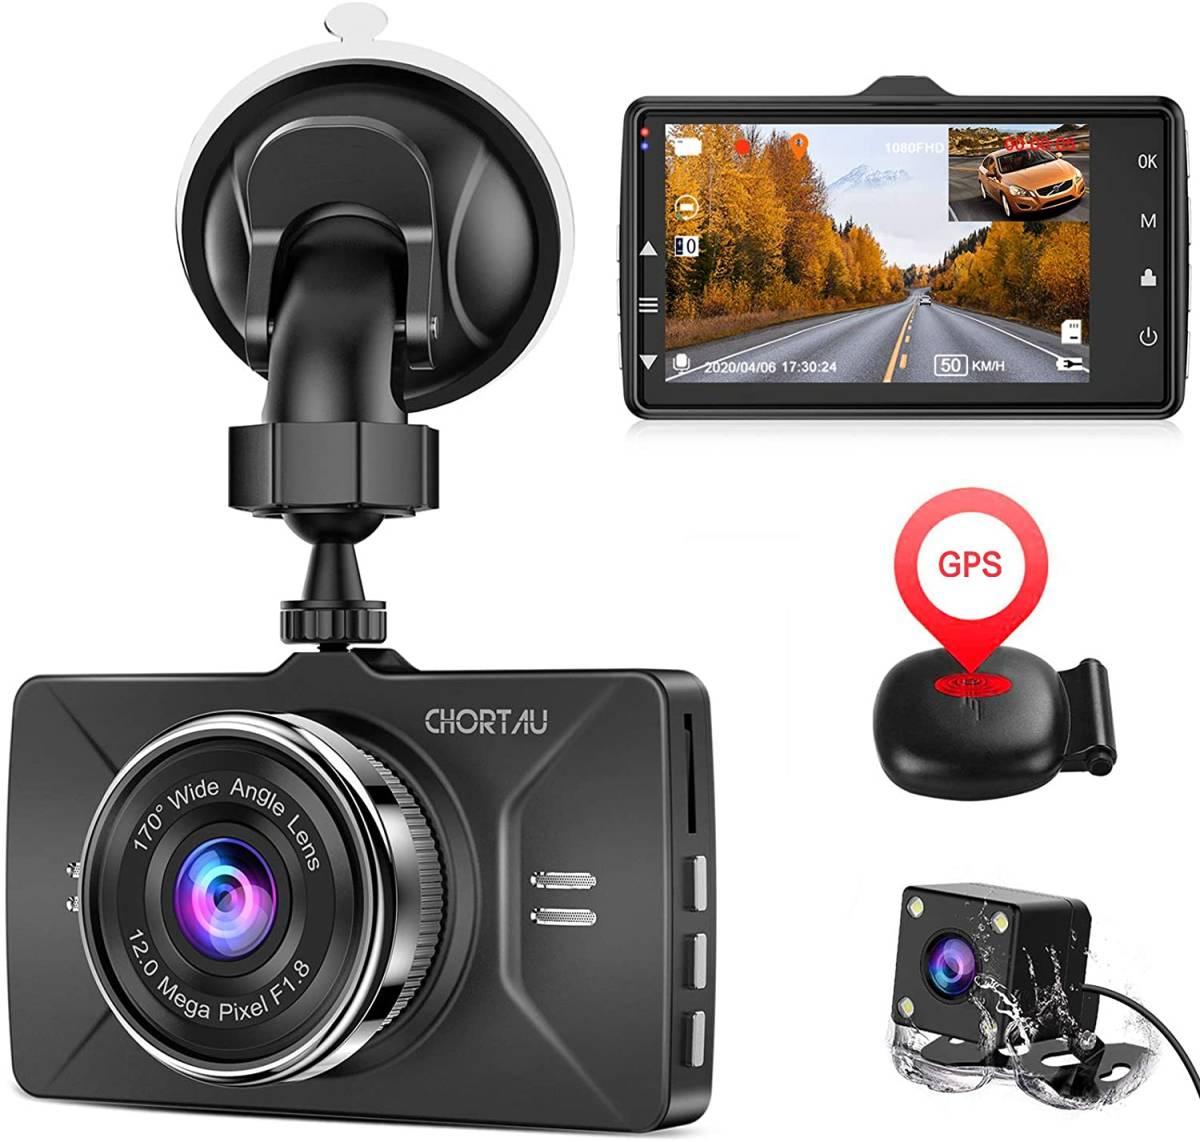 【2021進化版&GPS搭載&前後カメラ】.ドライブレコーダー 前後カメラ1080PフルHD 3.0インチ高画質 170度広角視野 常時録画 Gセンサー_画像1